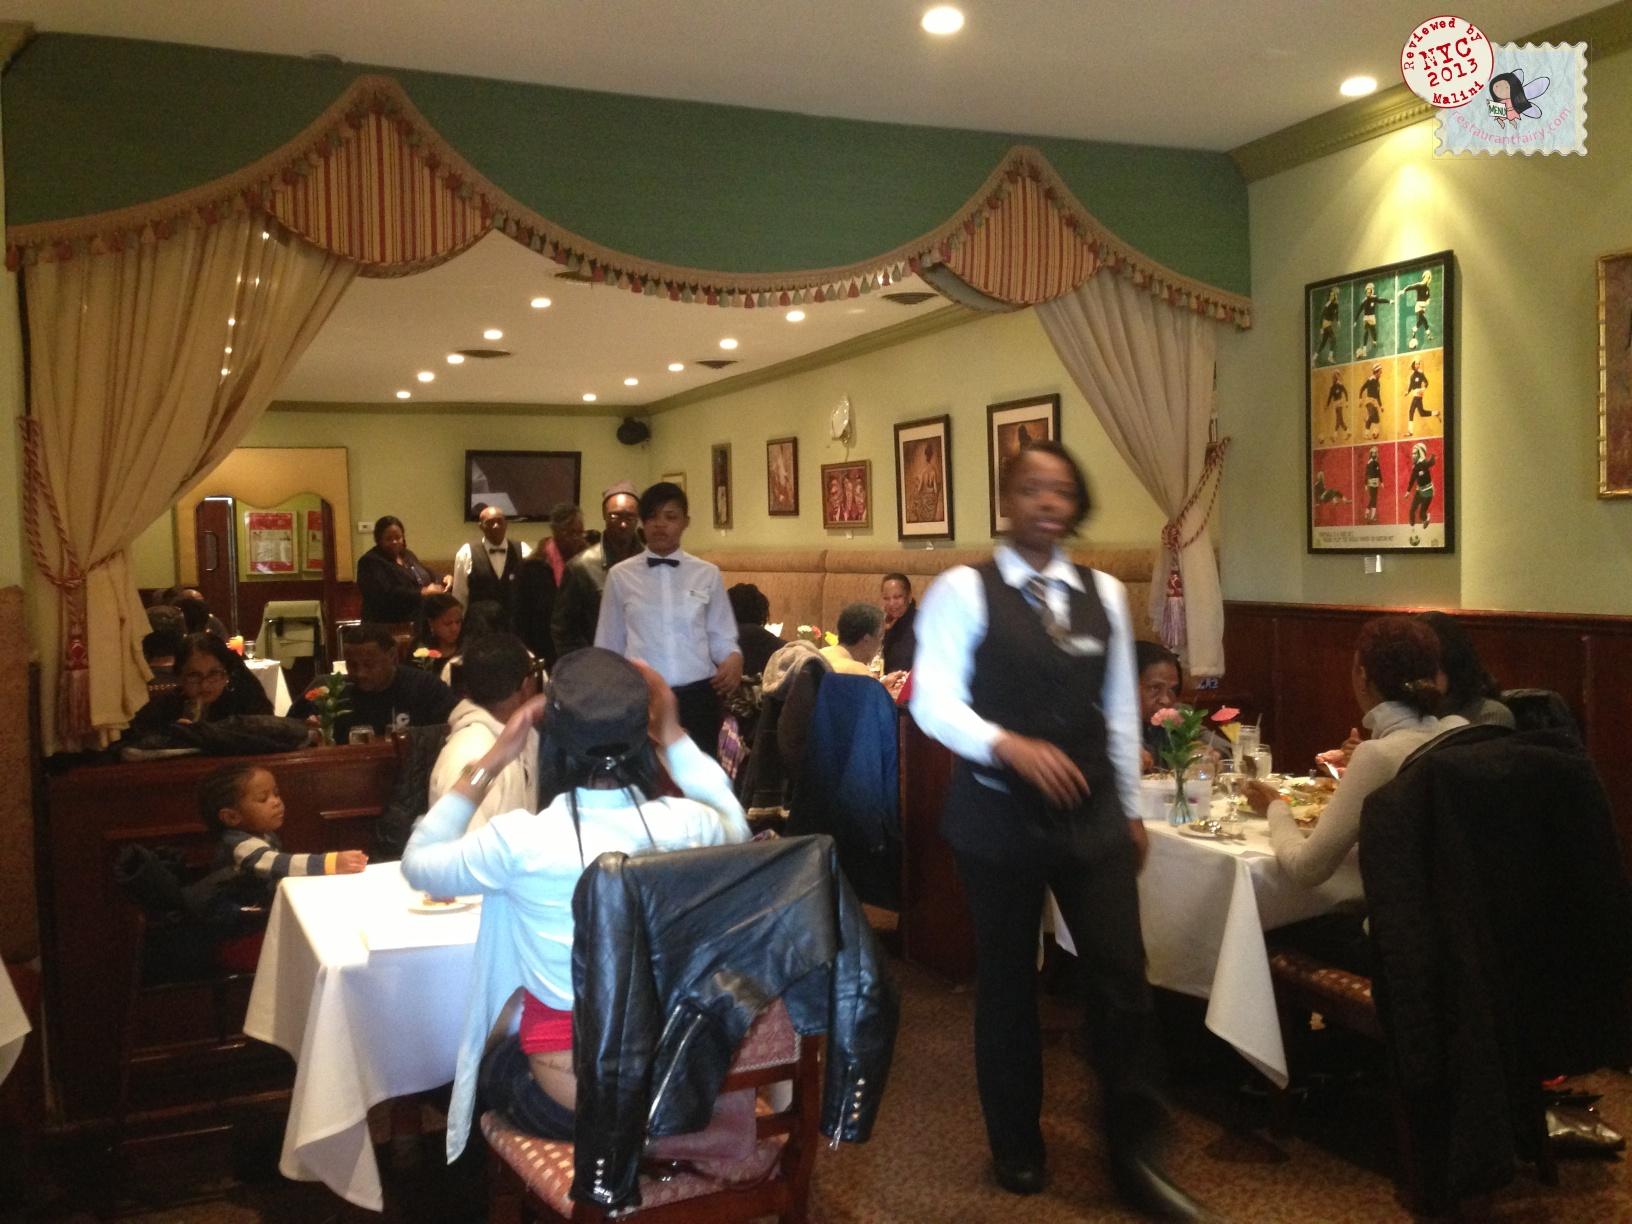 Img 1509 the restaurant fairy for The restaurant